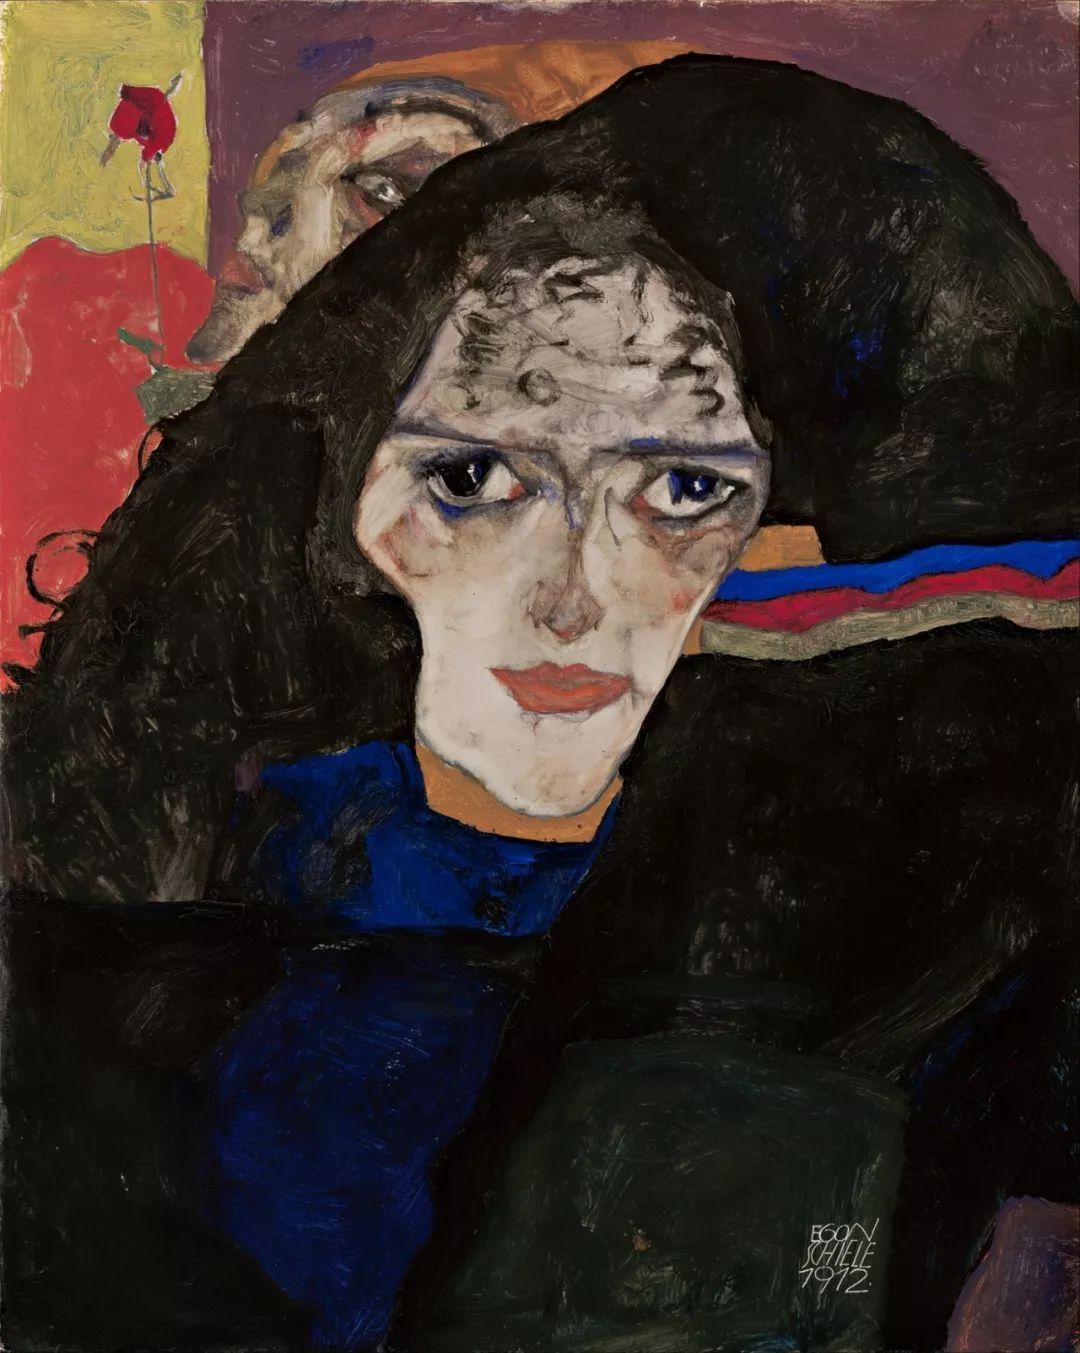 年仅28岁,生前遭受非议,死后却被捧为直逼心灵的艺术家插图165